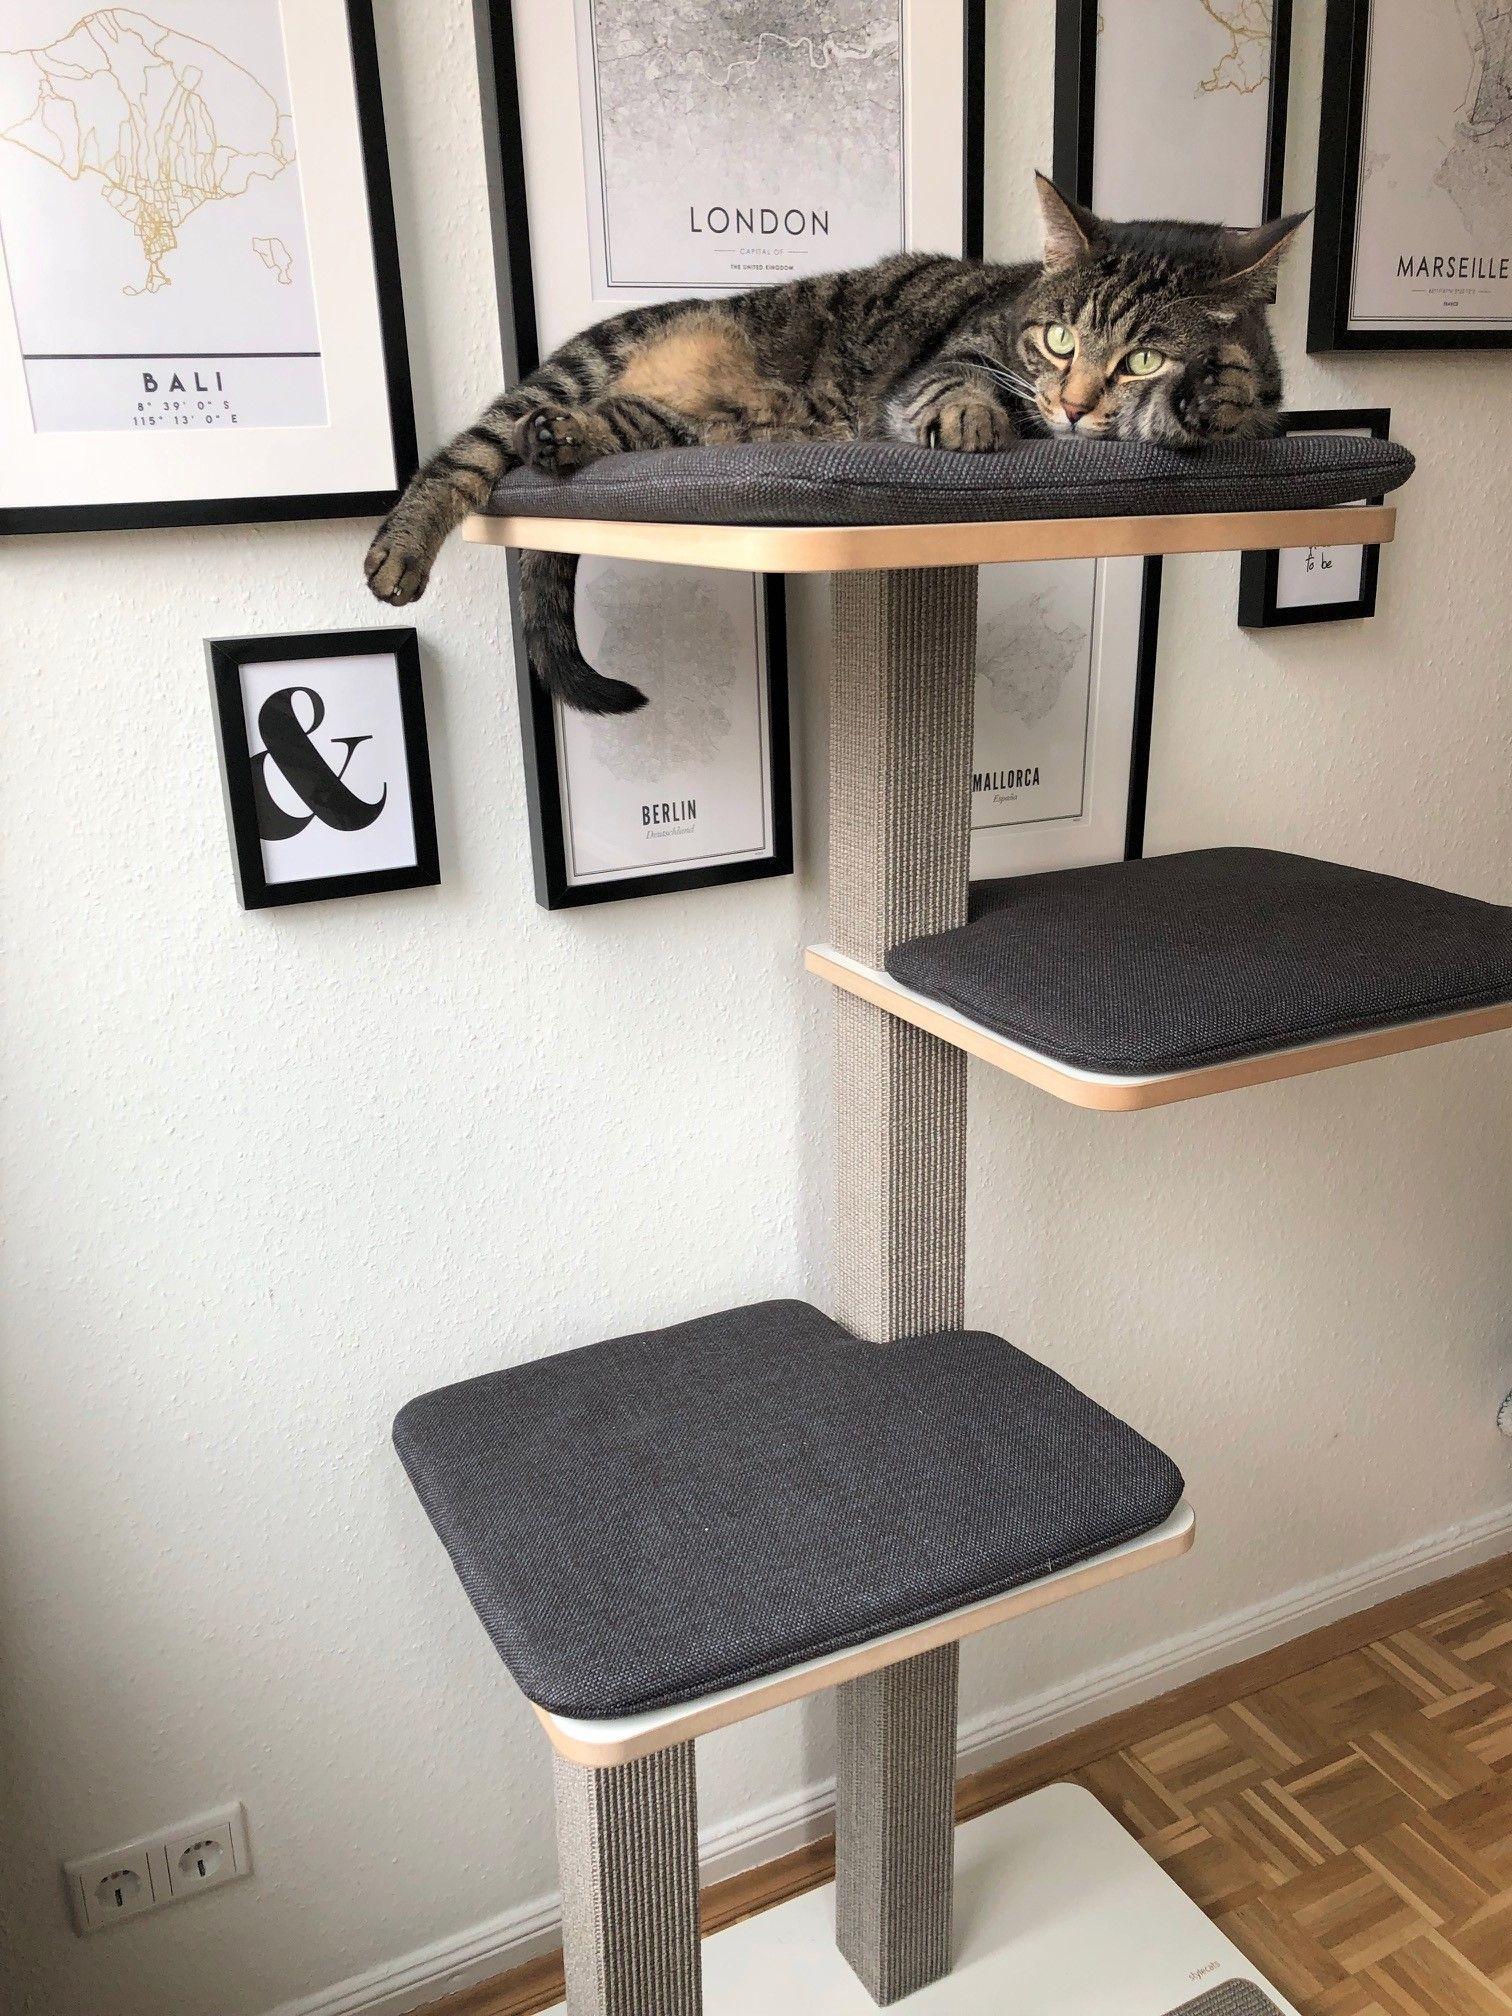 Costruire Lettiera Per Gatti le migliori 654 immagini su gatti nel 2020 | gatti